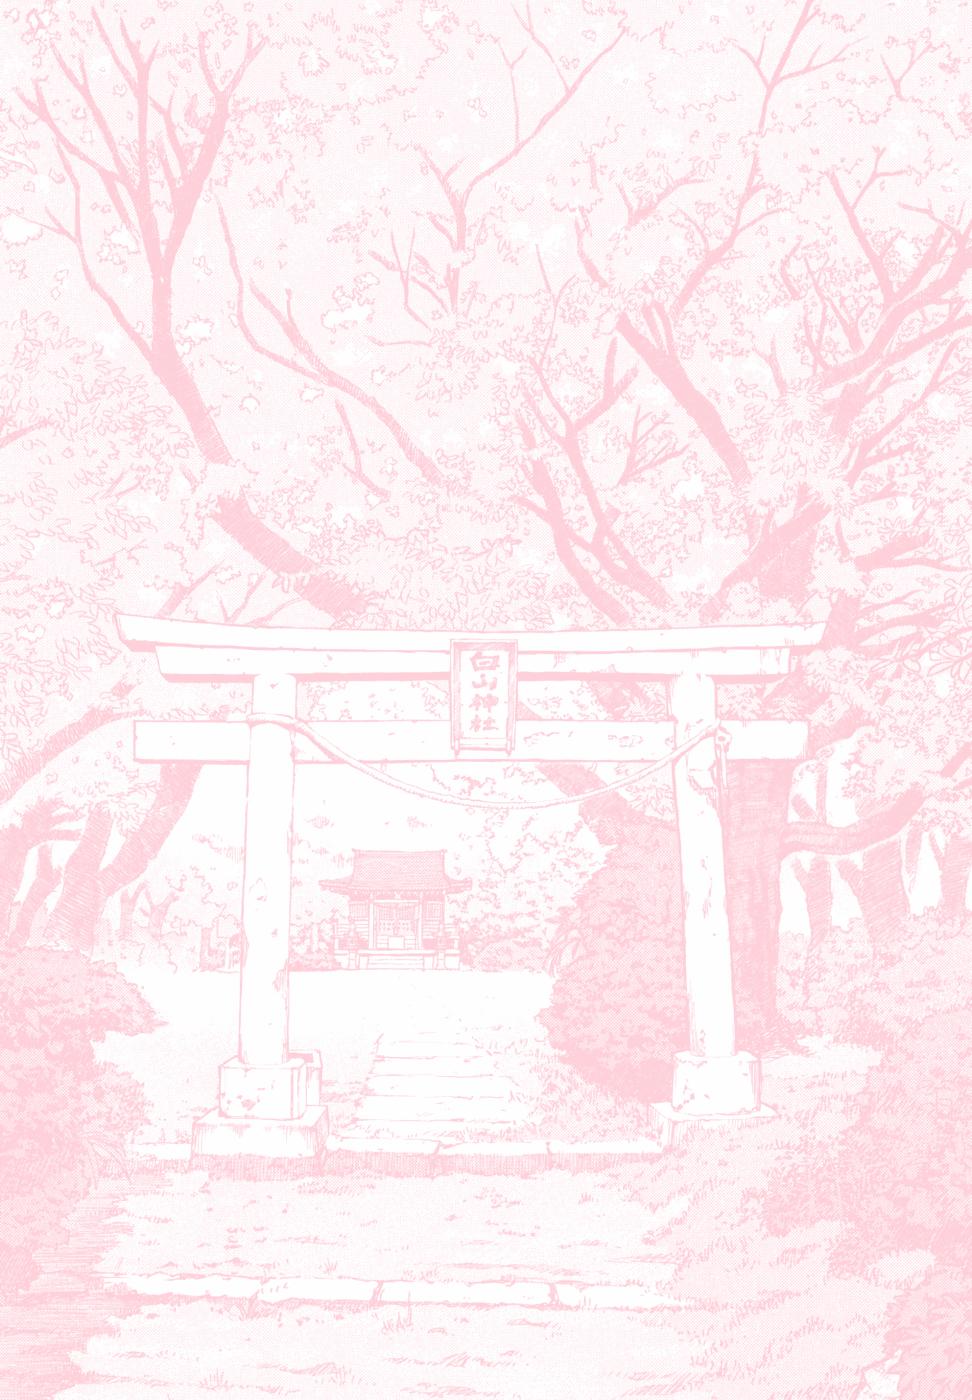 Anime Pink Wallpaper : anime, wallpaper, Anime, Aesthetic, Wallpapers, Wallpaper